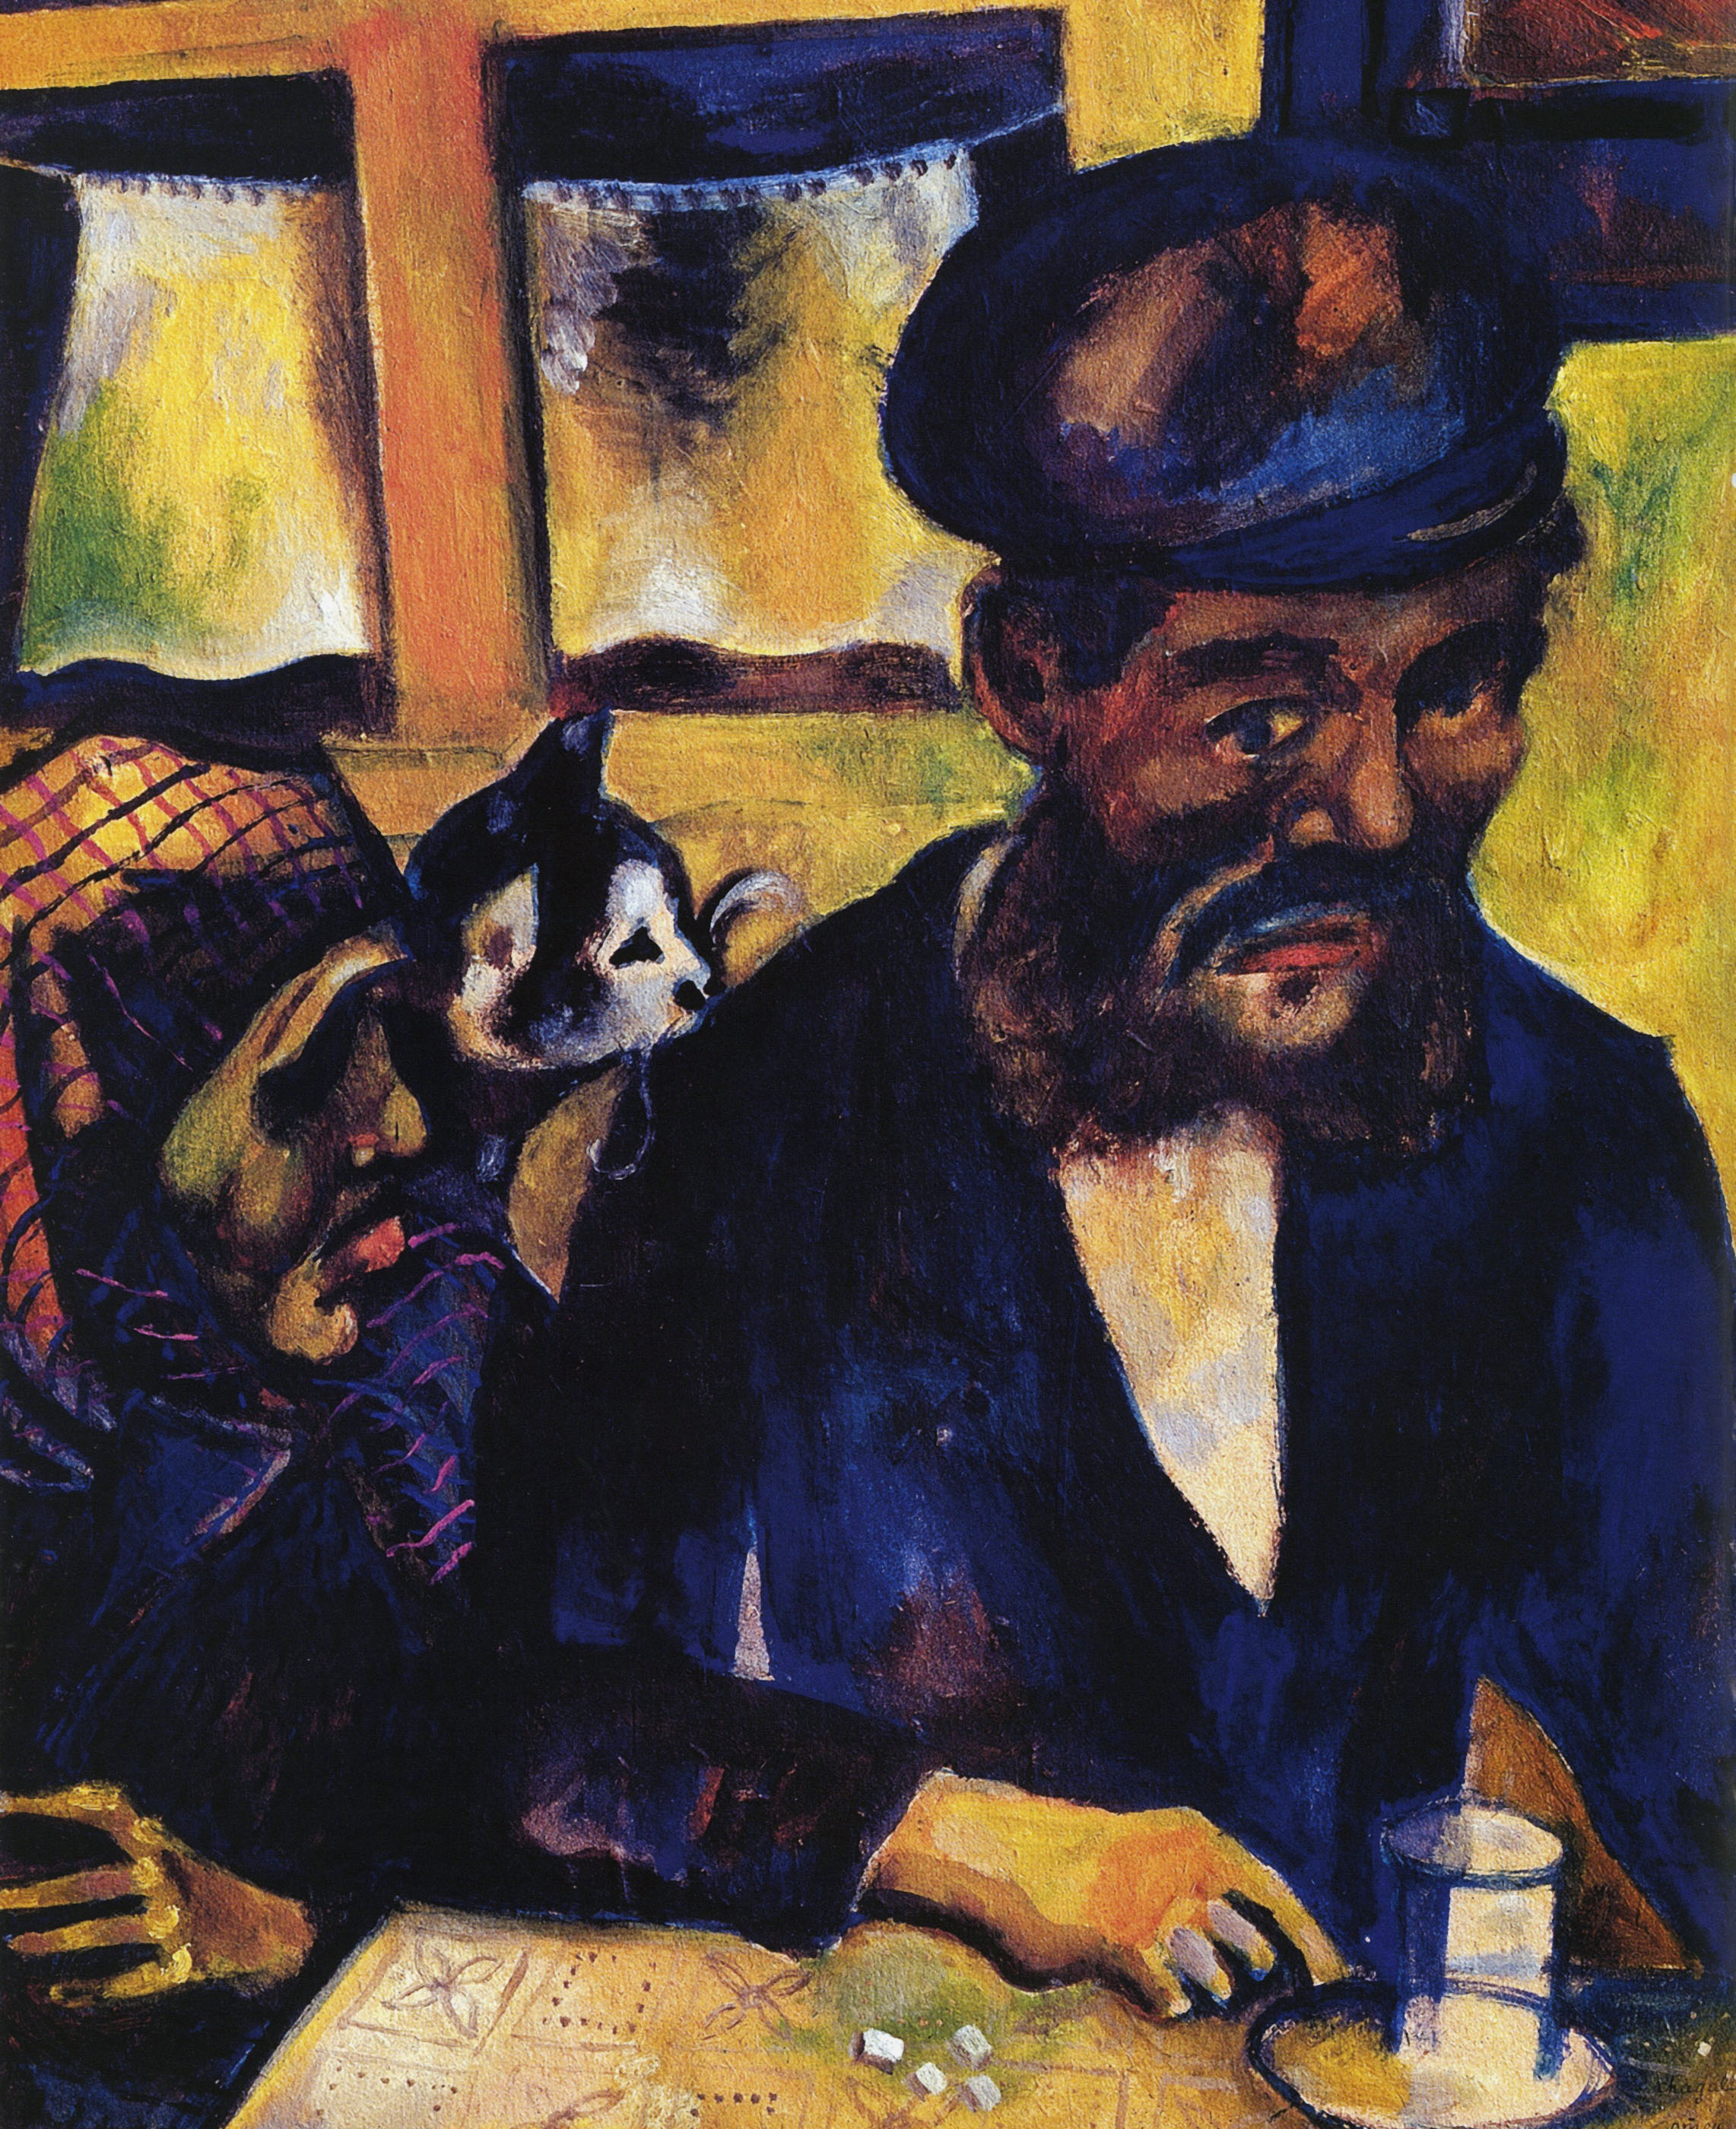 Марк Шагал. Отец и бабушка, 1914